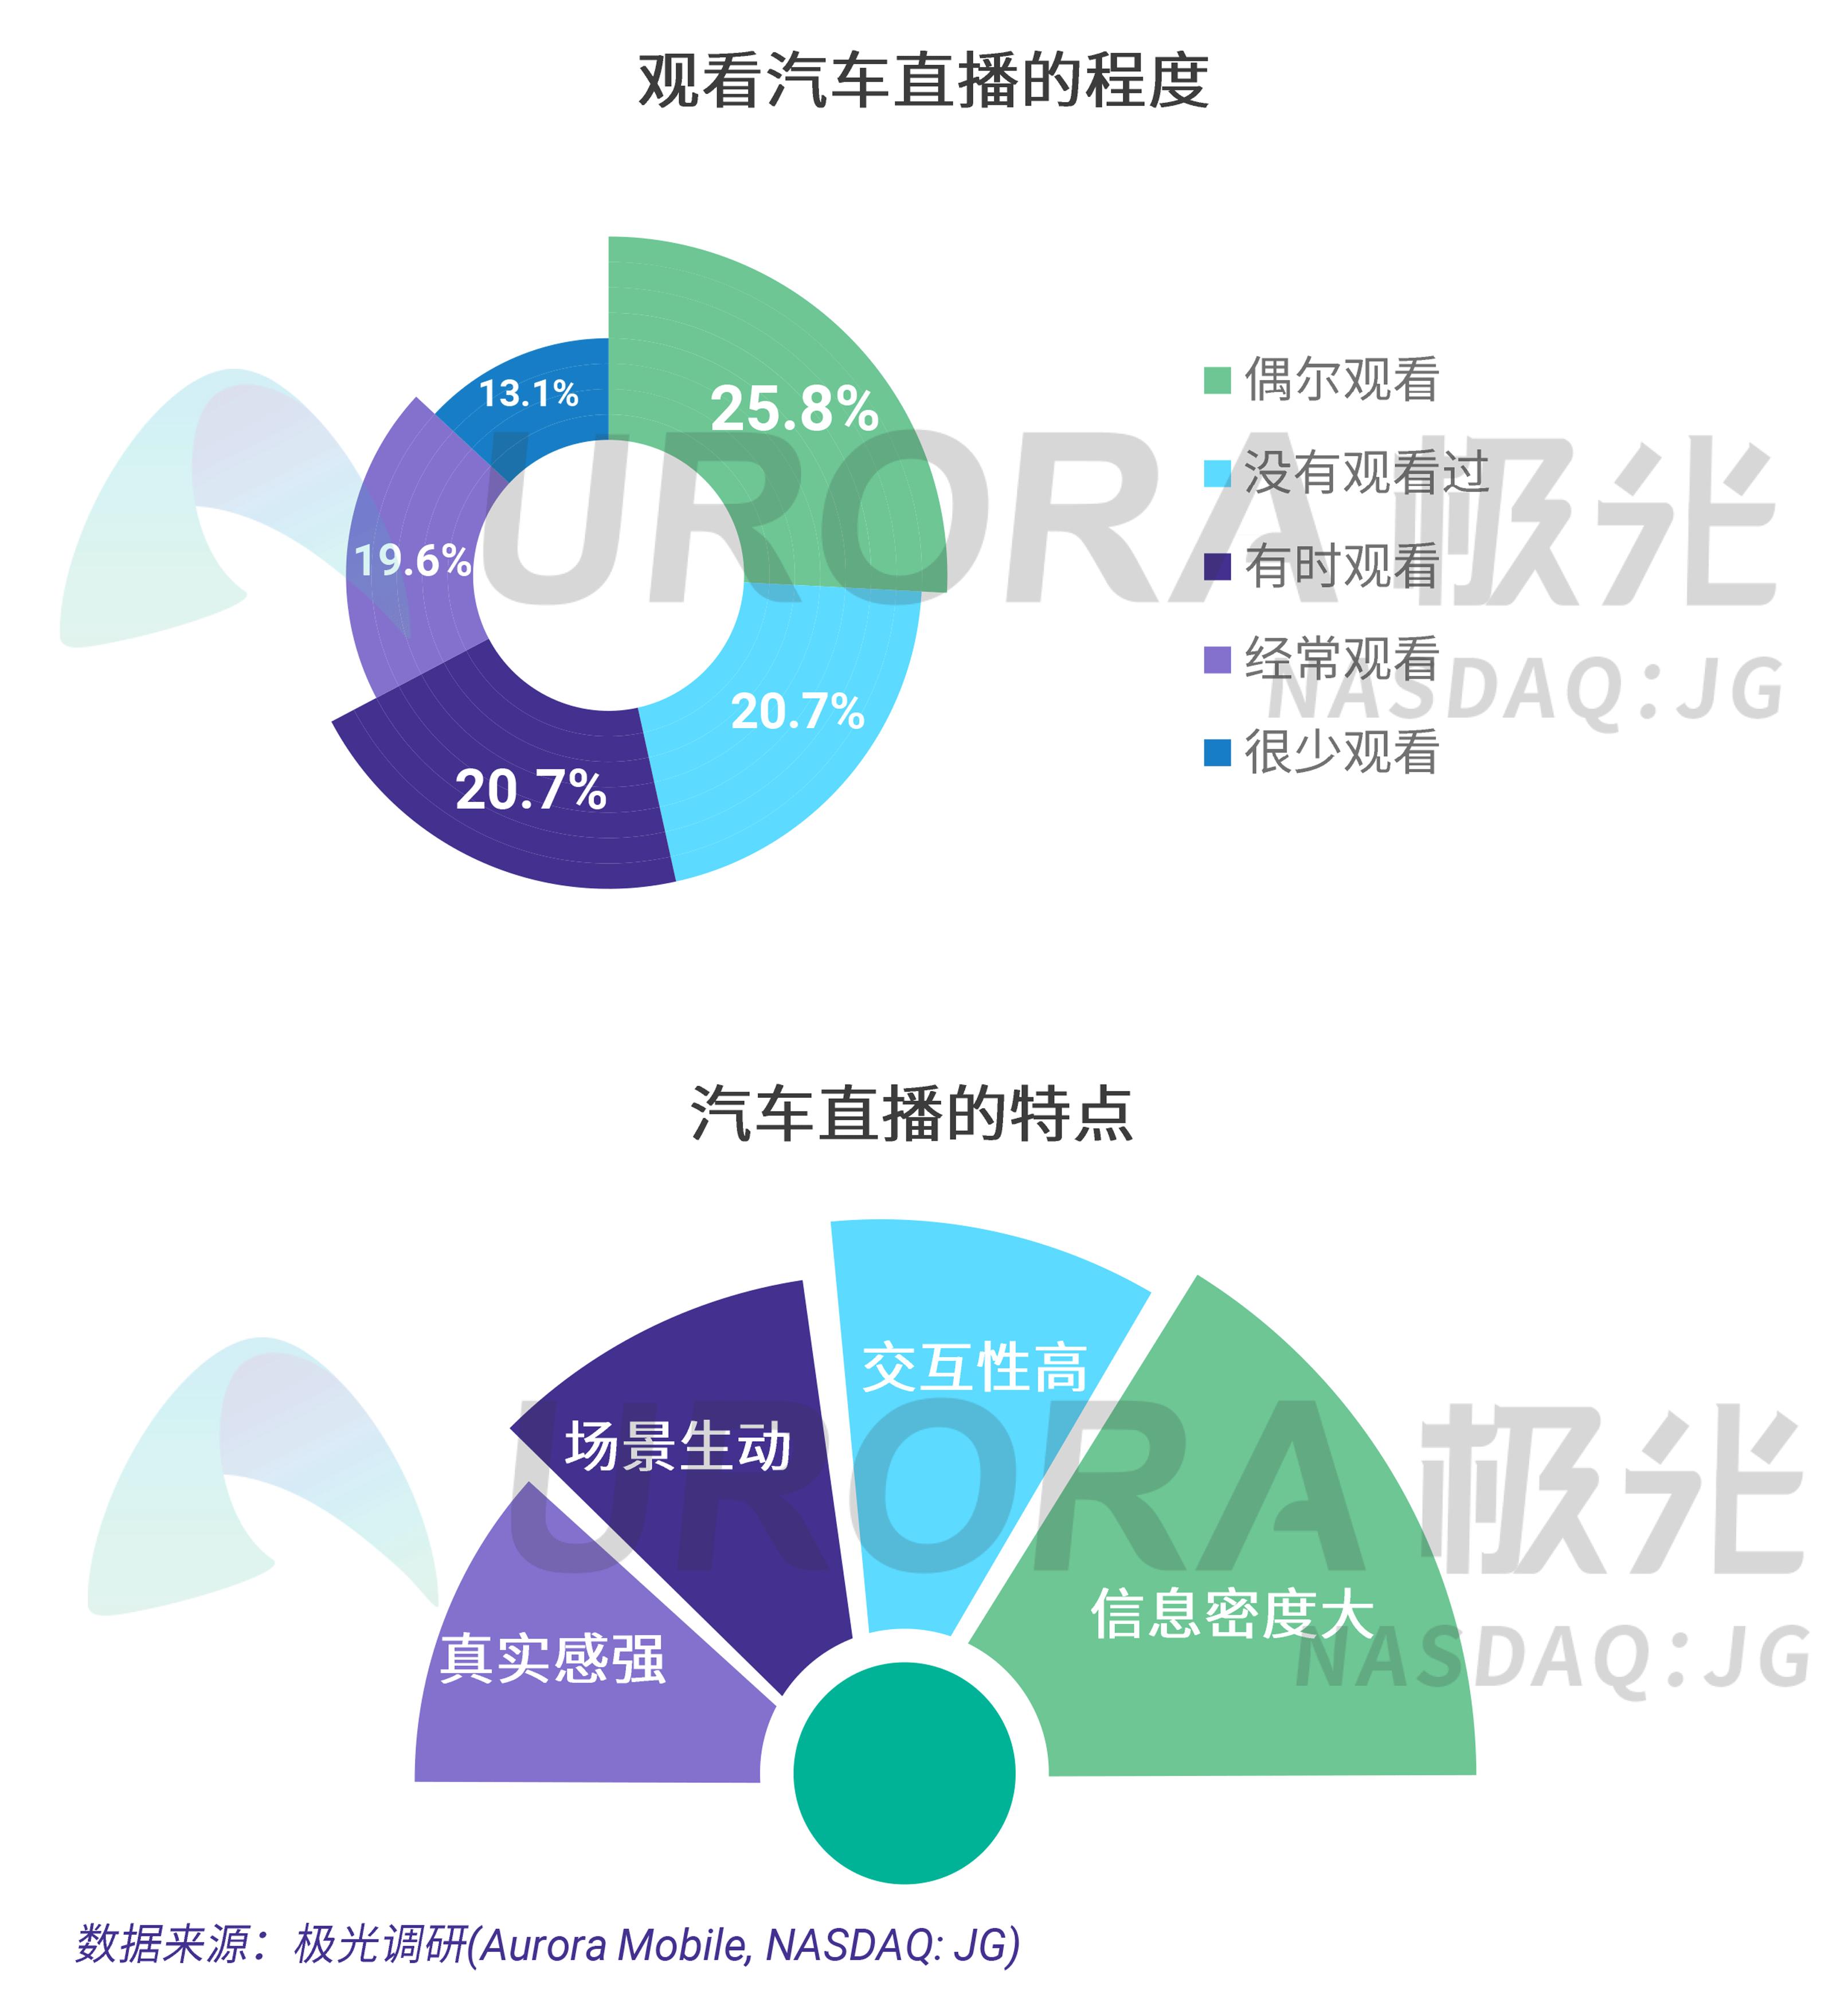 极光:疫情下的汽车直播研究报告 (7).png